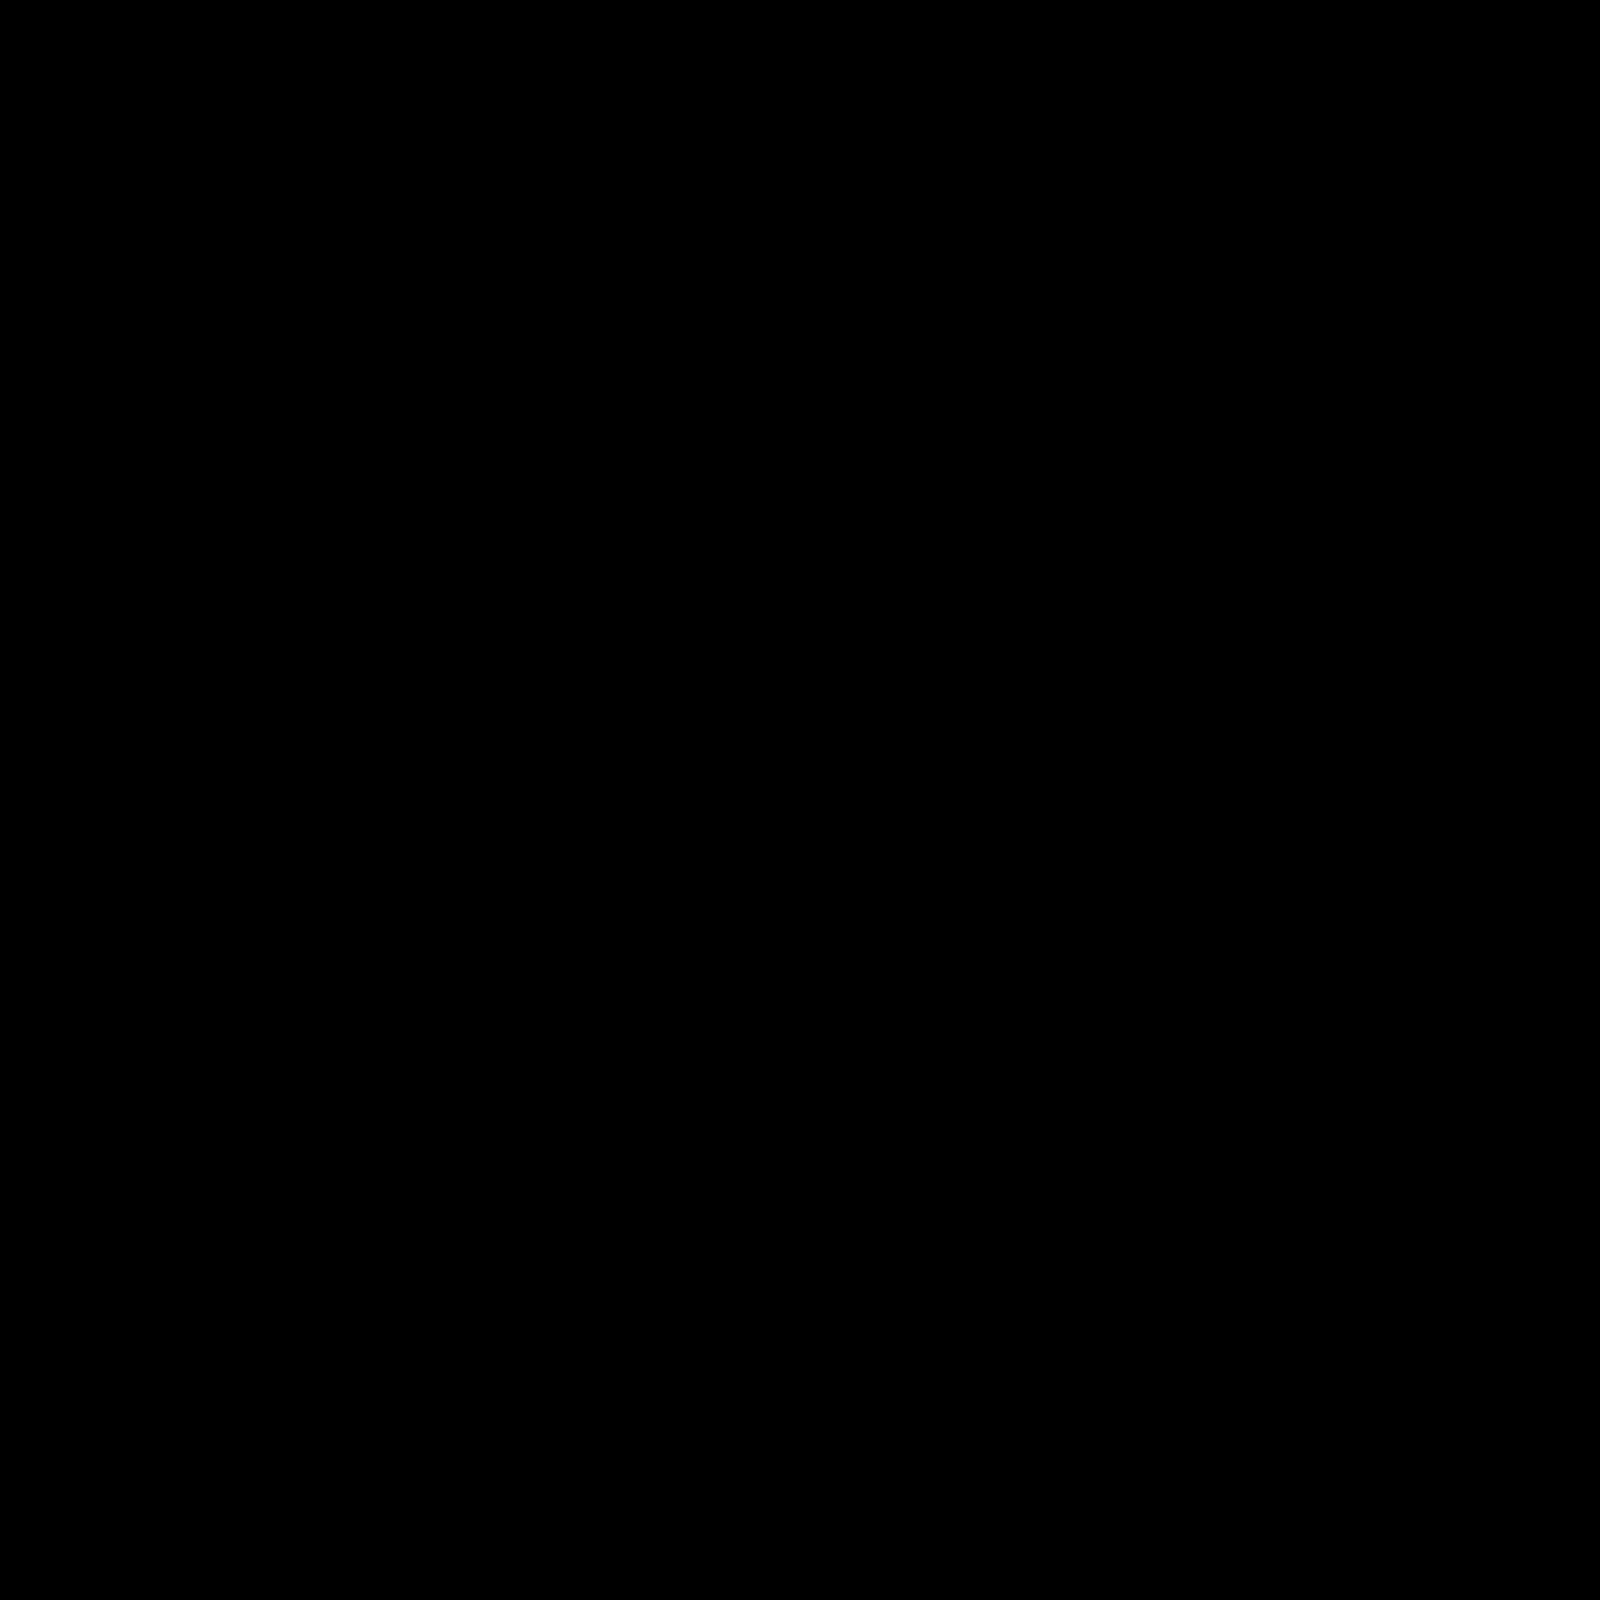 Klucz 2 icon